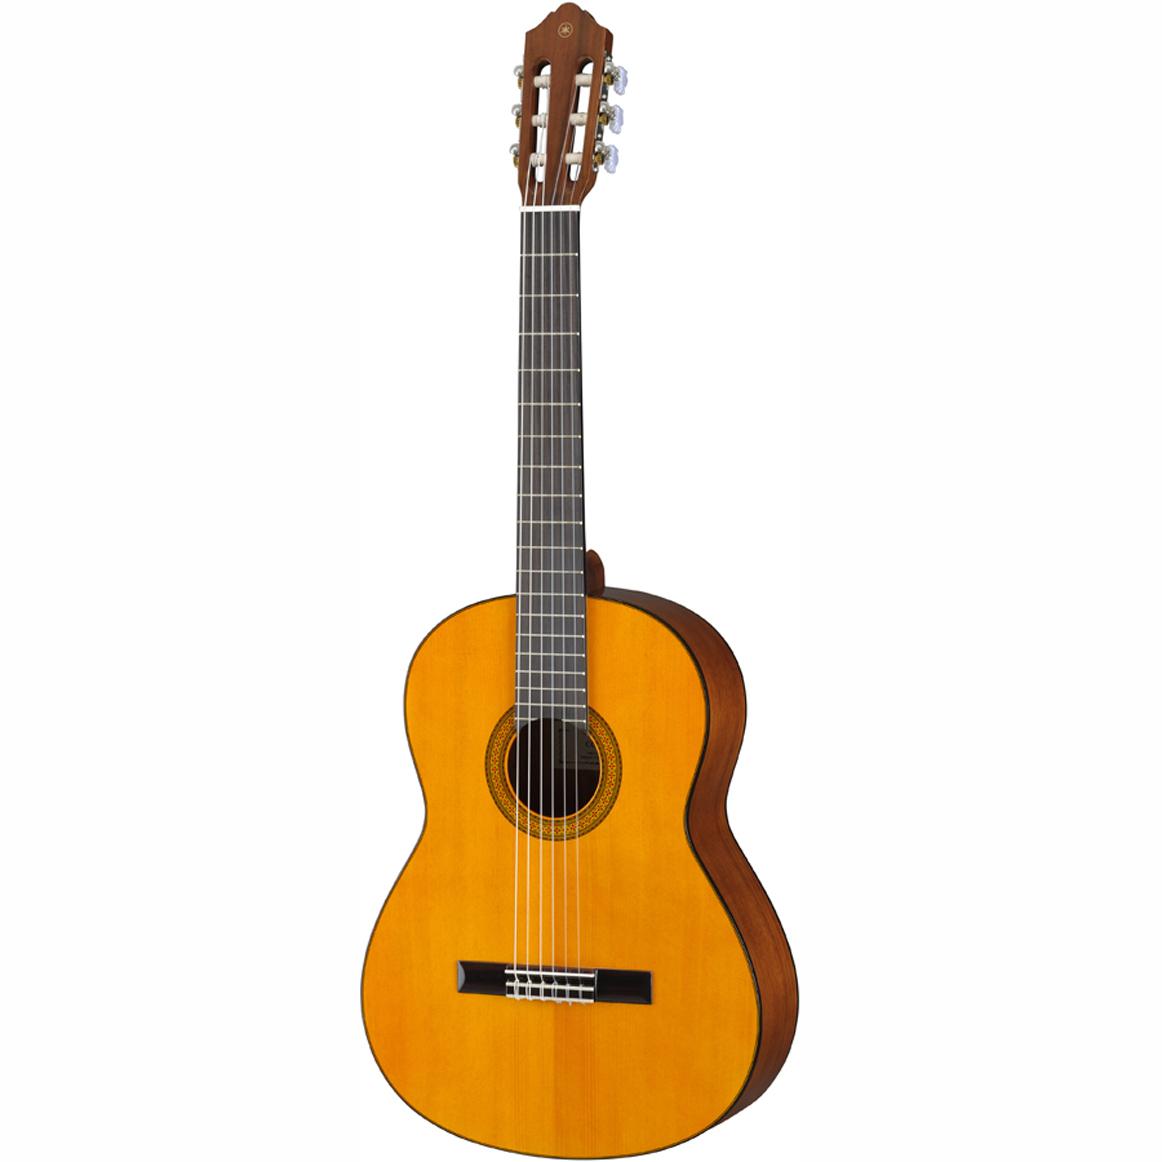 YAMAHA CG102:ナチュラル ヤマハ クラシックギター